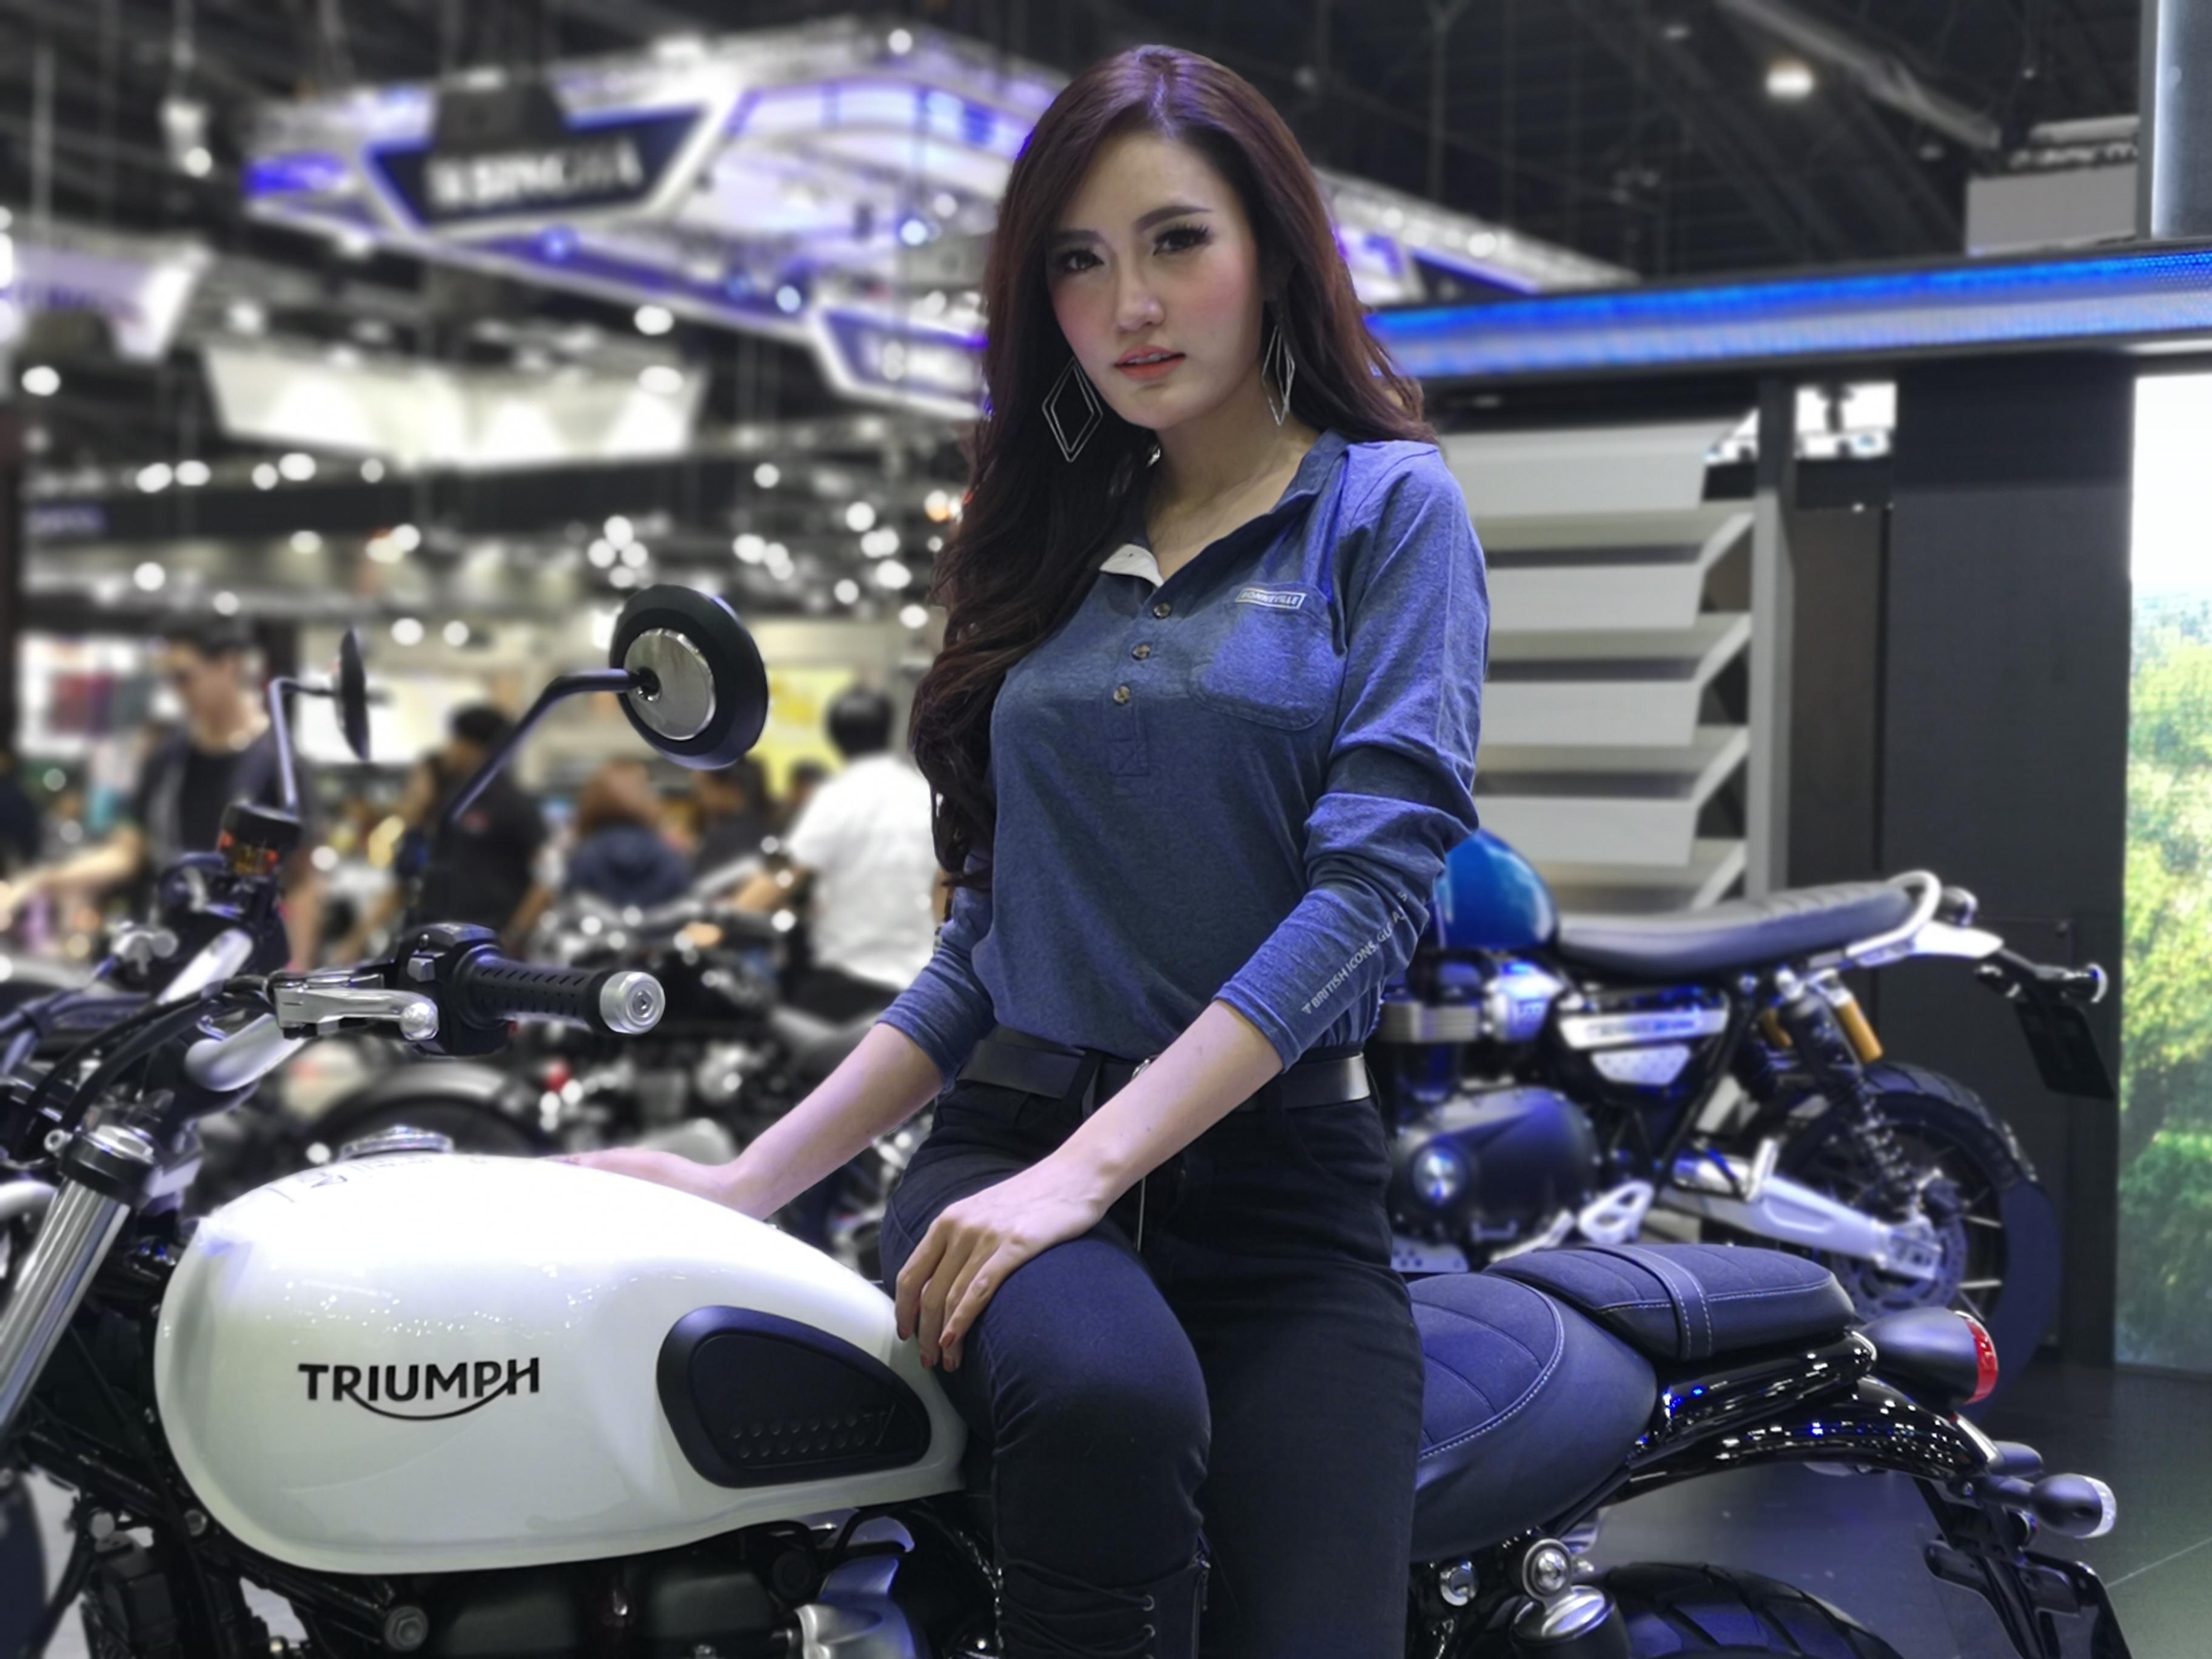 สำหรับบูธของ Triumph